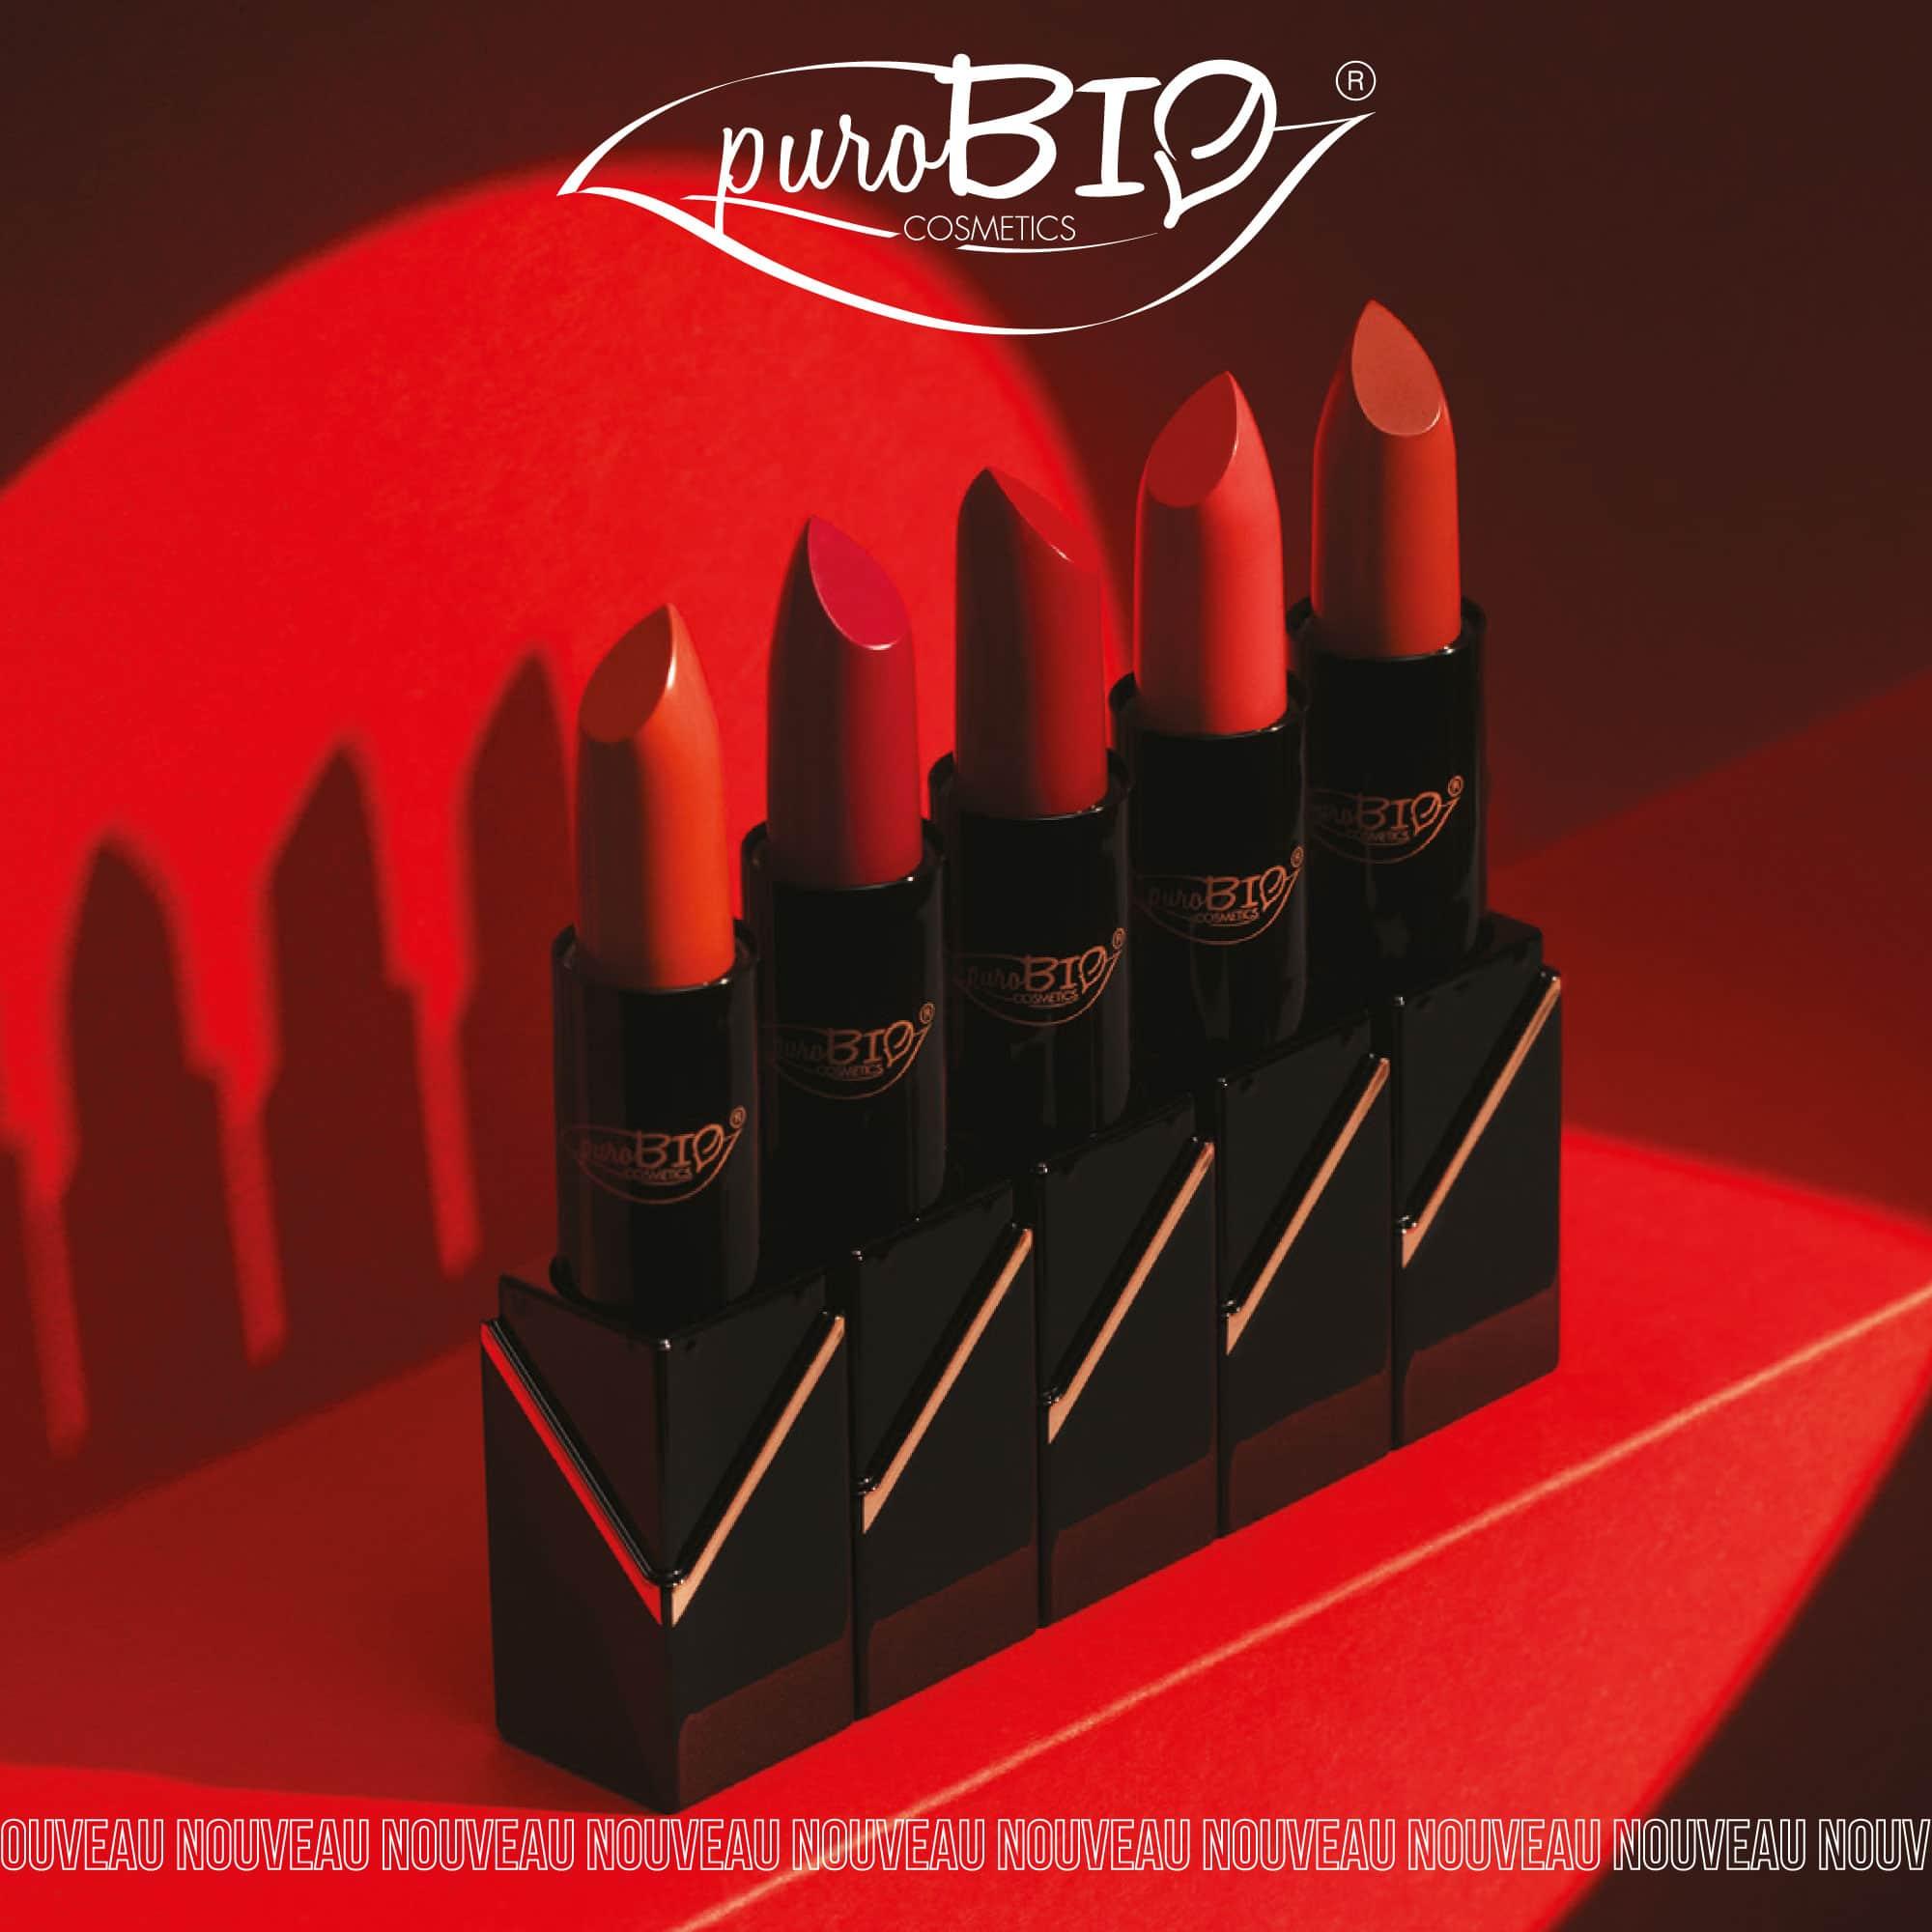 Les 5 teintes du nouveau rouge à lèvres rechargeable